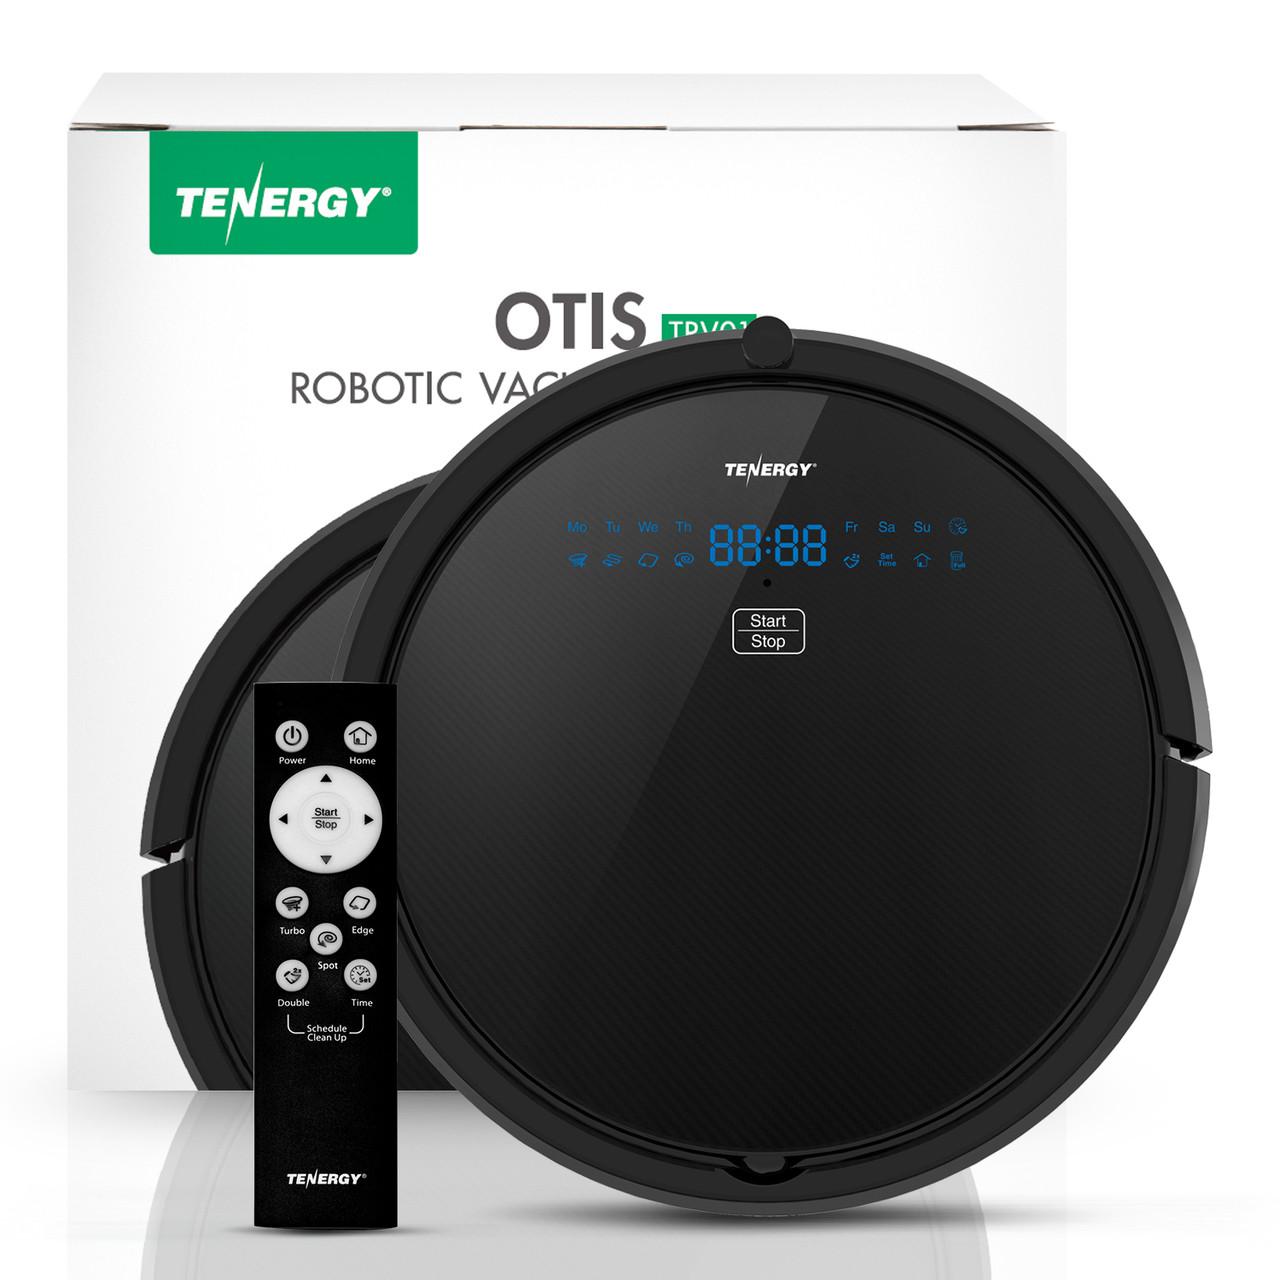 Otis Robotic Vacuum Cleaner